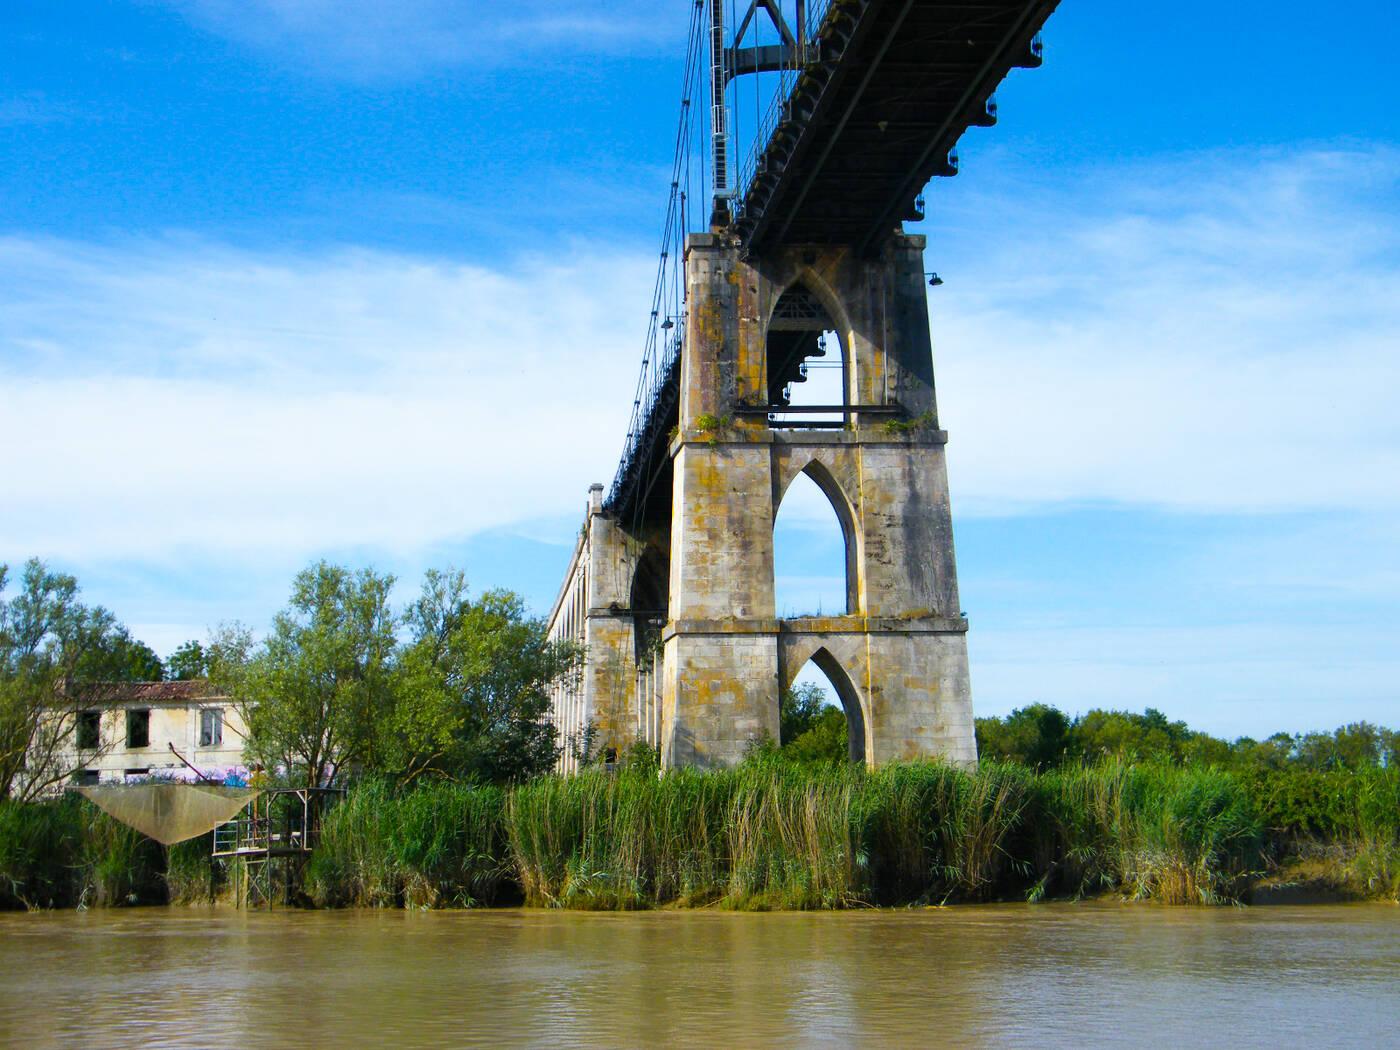 Le fleuve charente travers rochefort oc an office de tourisme de rochefort oc an vacances - Office du tourisme de rochefort ...